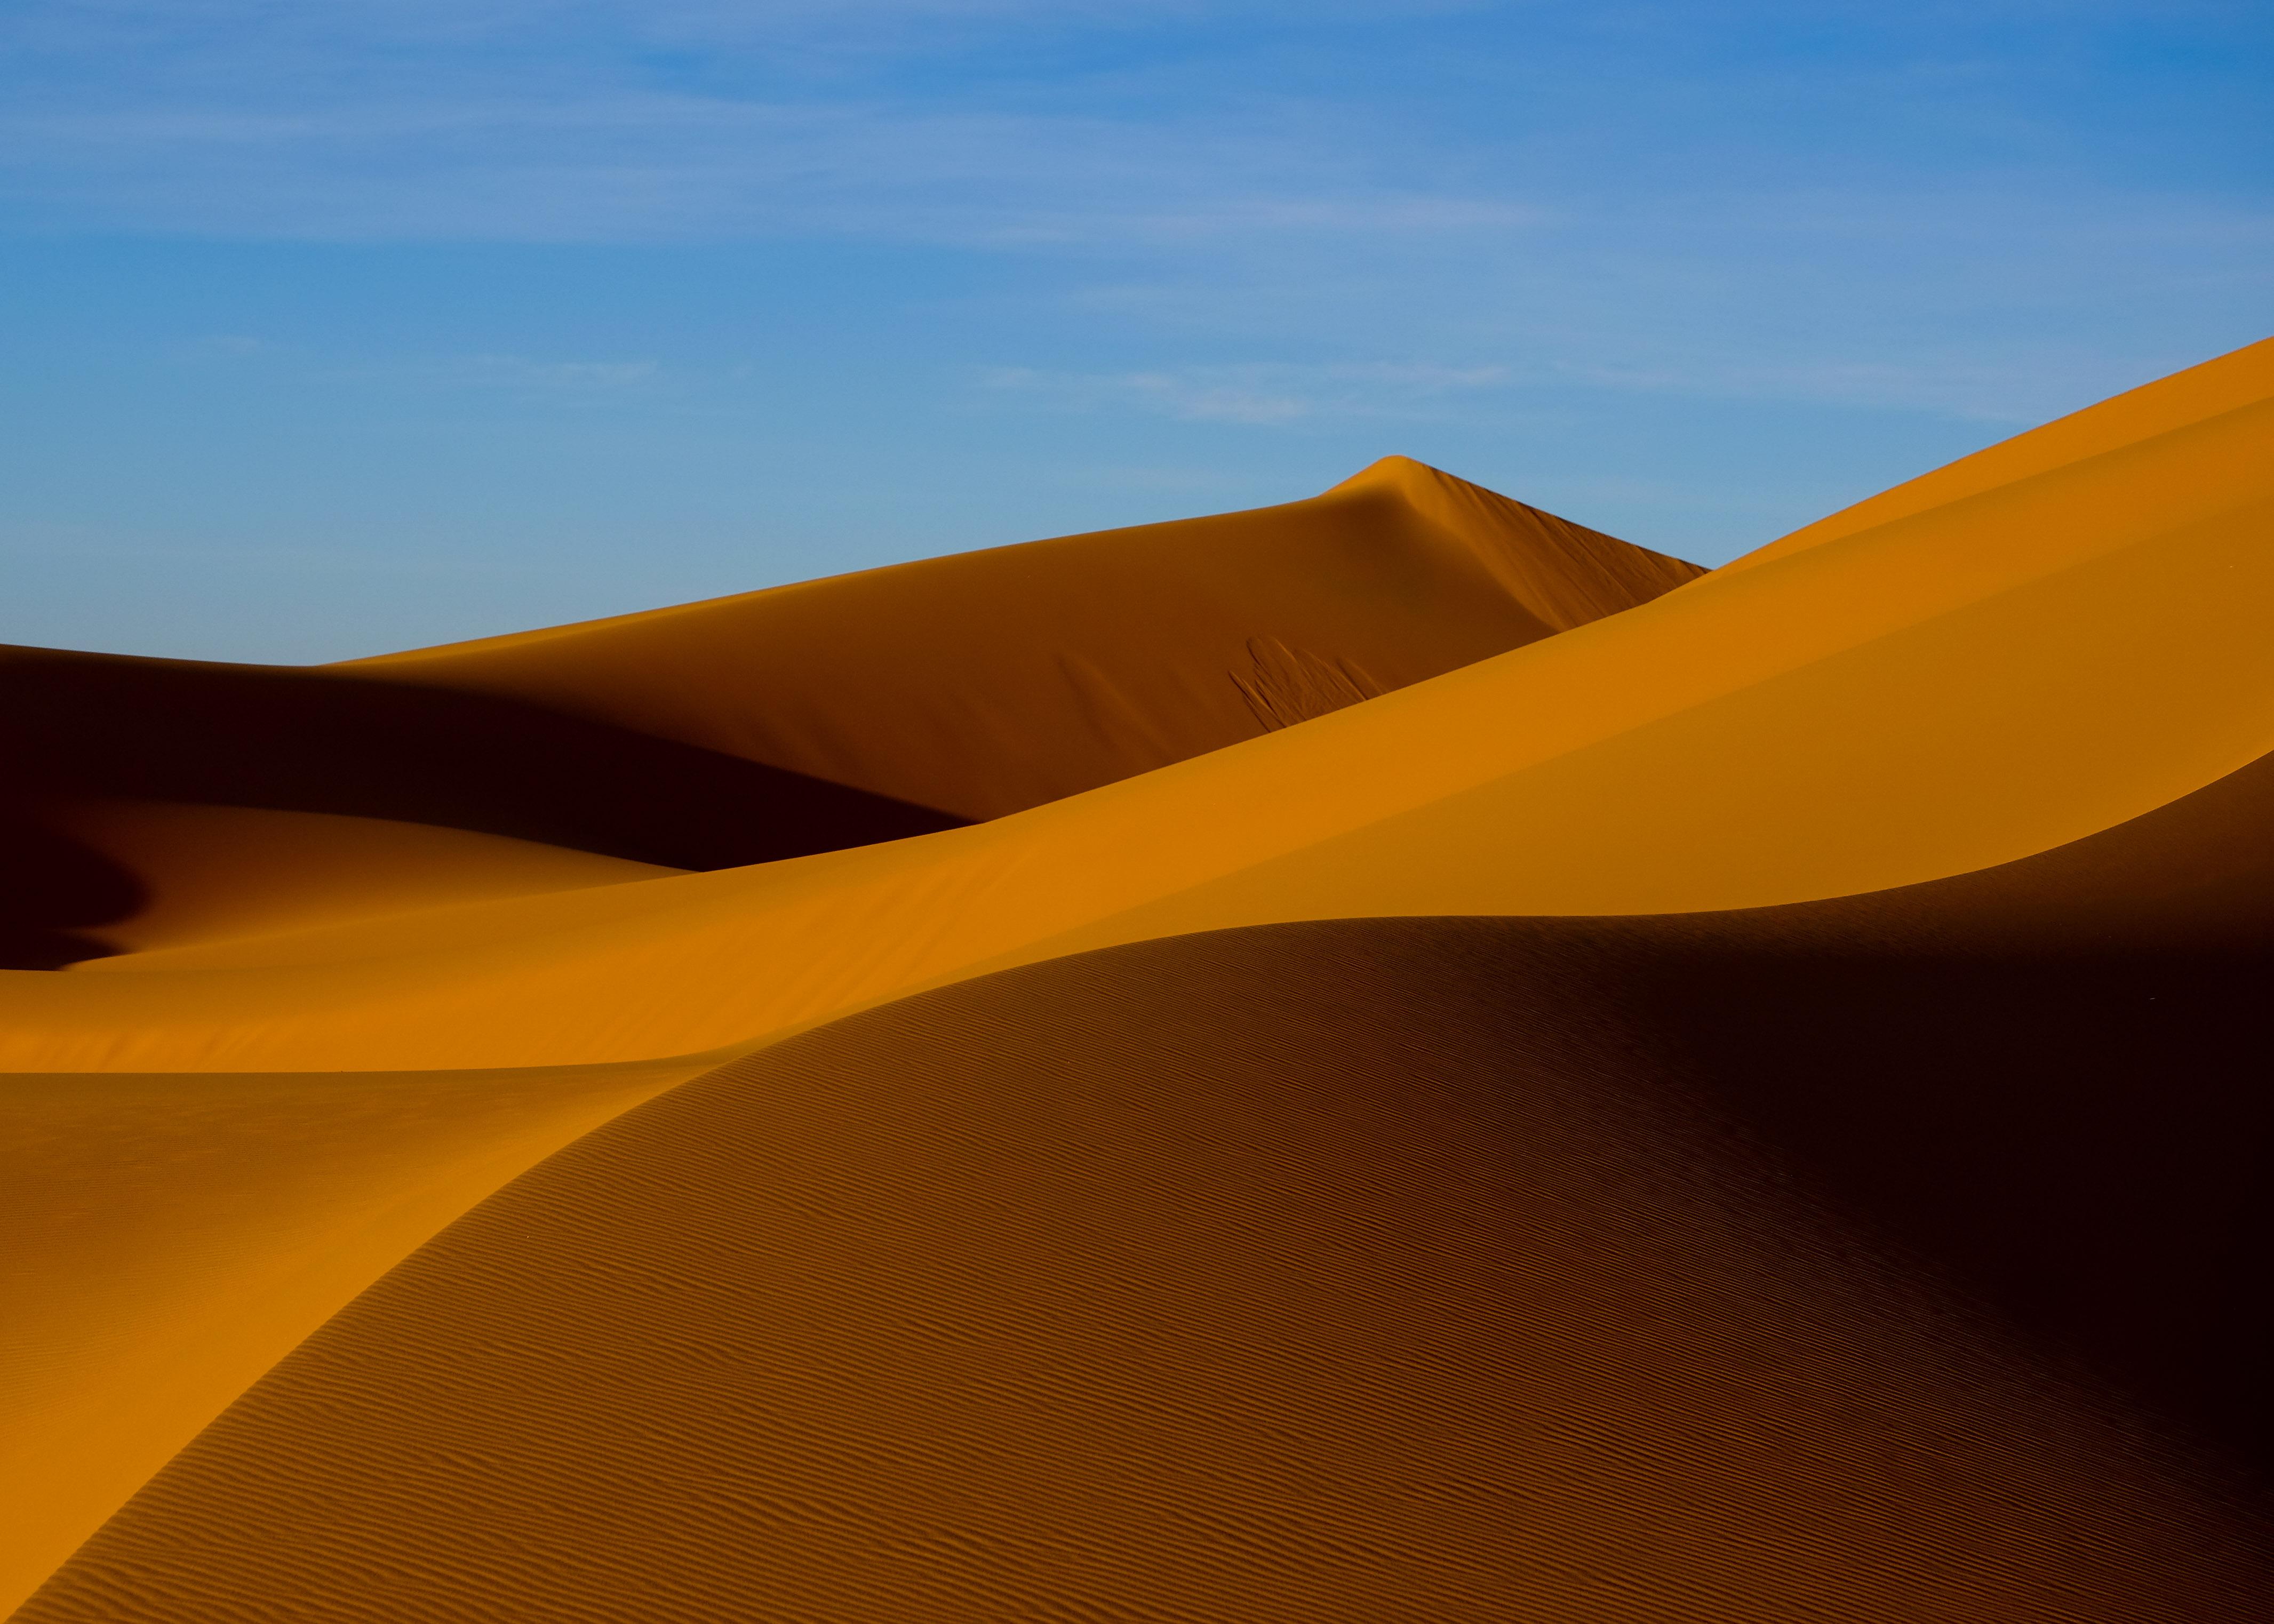 Maroc Desert (12 of 15)